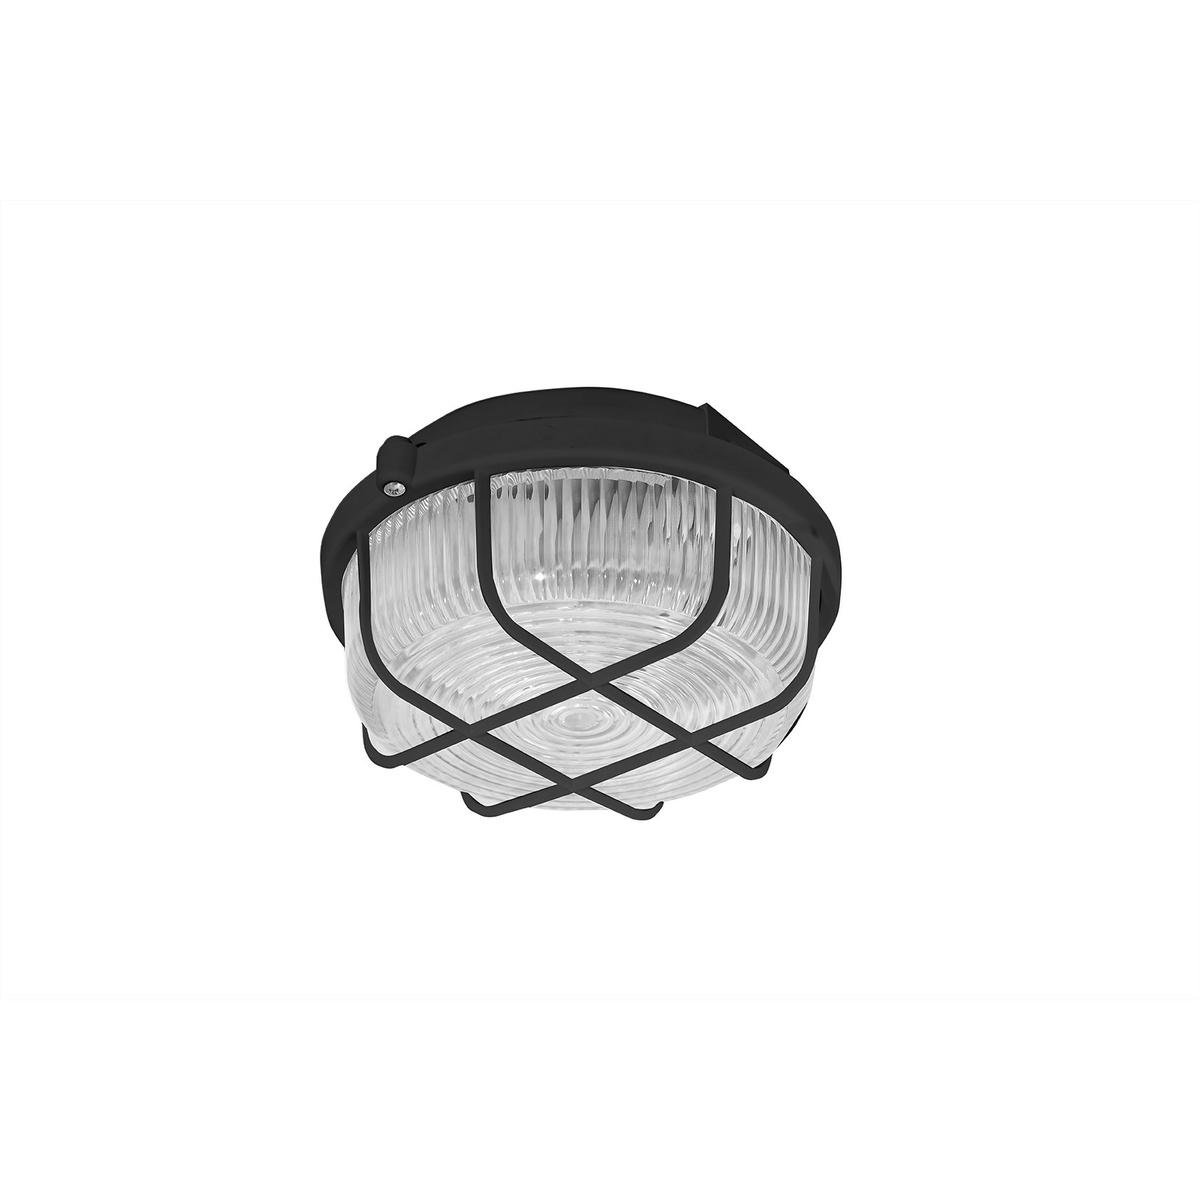 KRUH prisadené stropné a nástenné kruhové svetlo, 100W, čierna, PANLUX